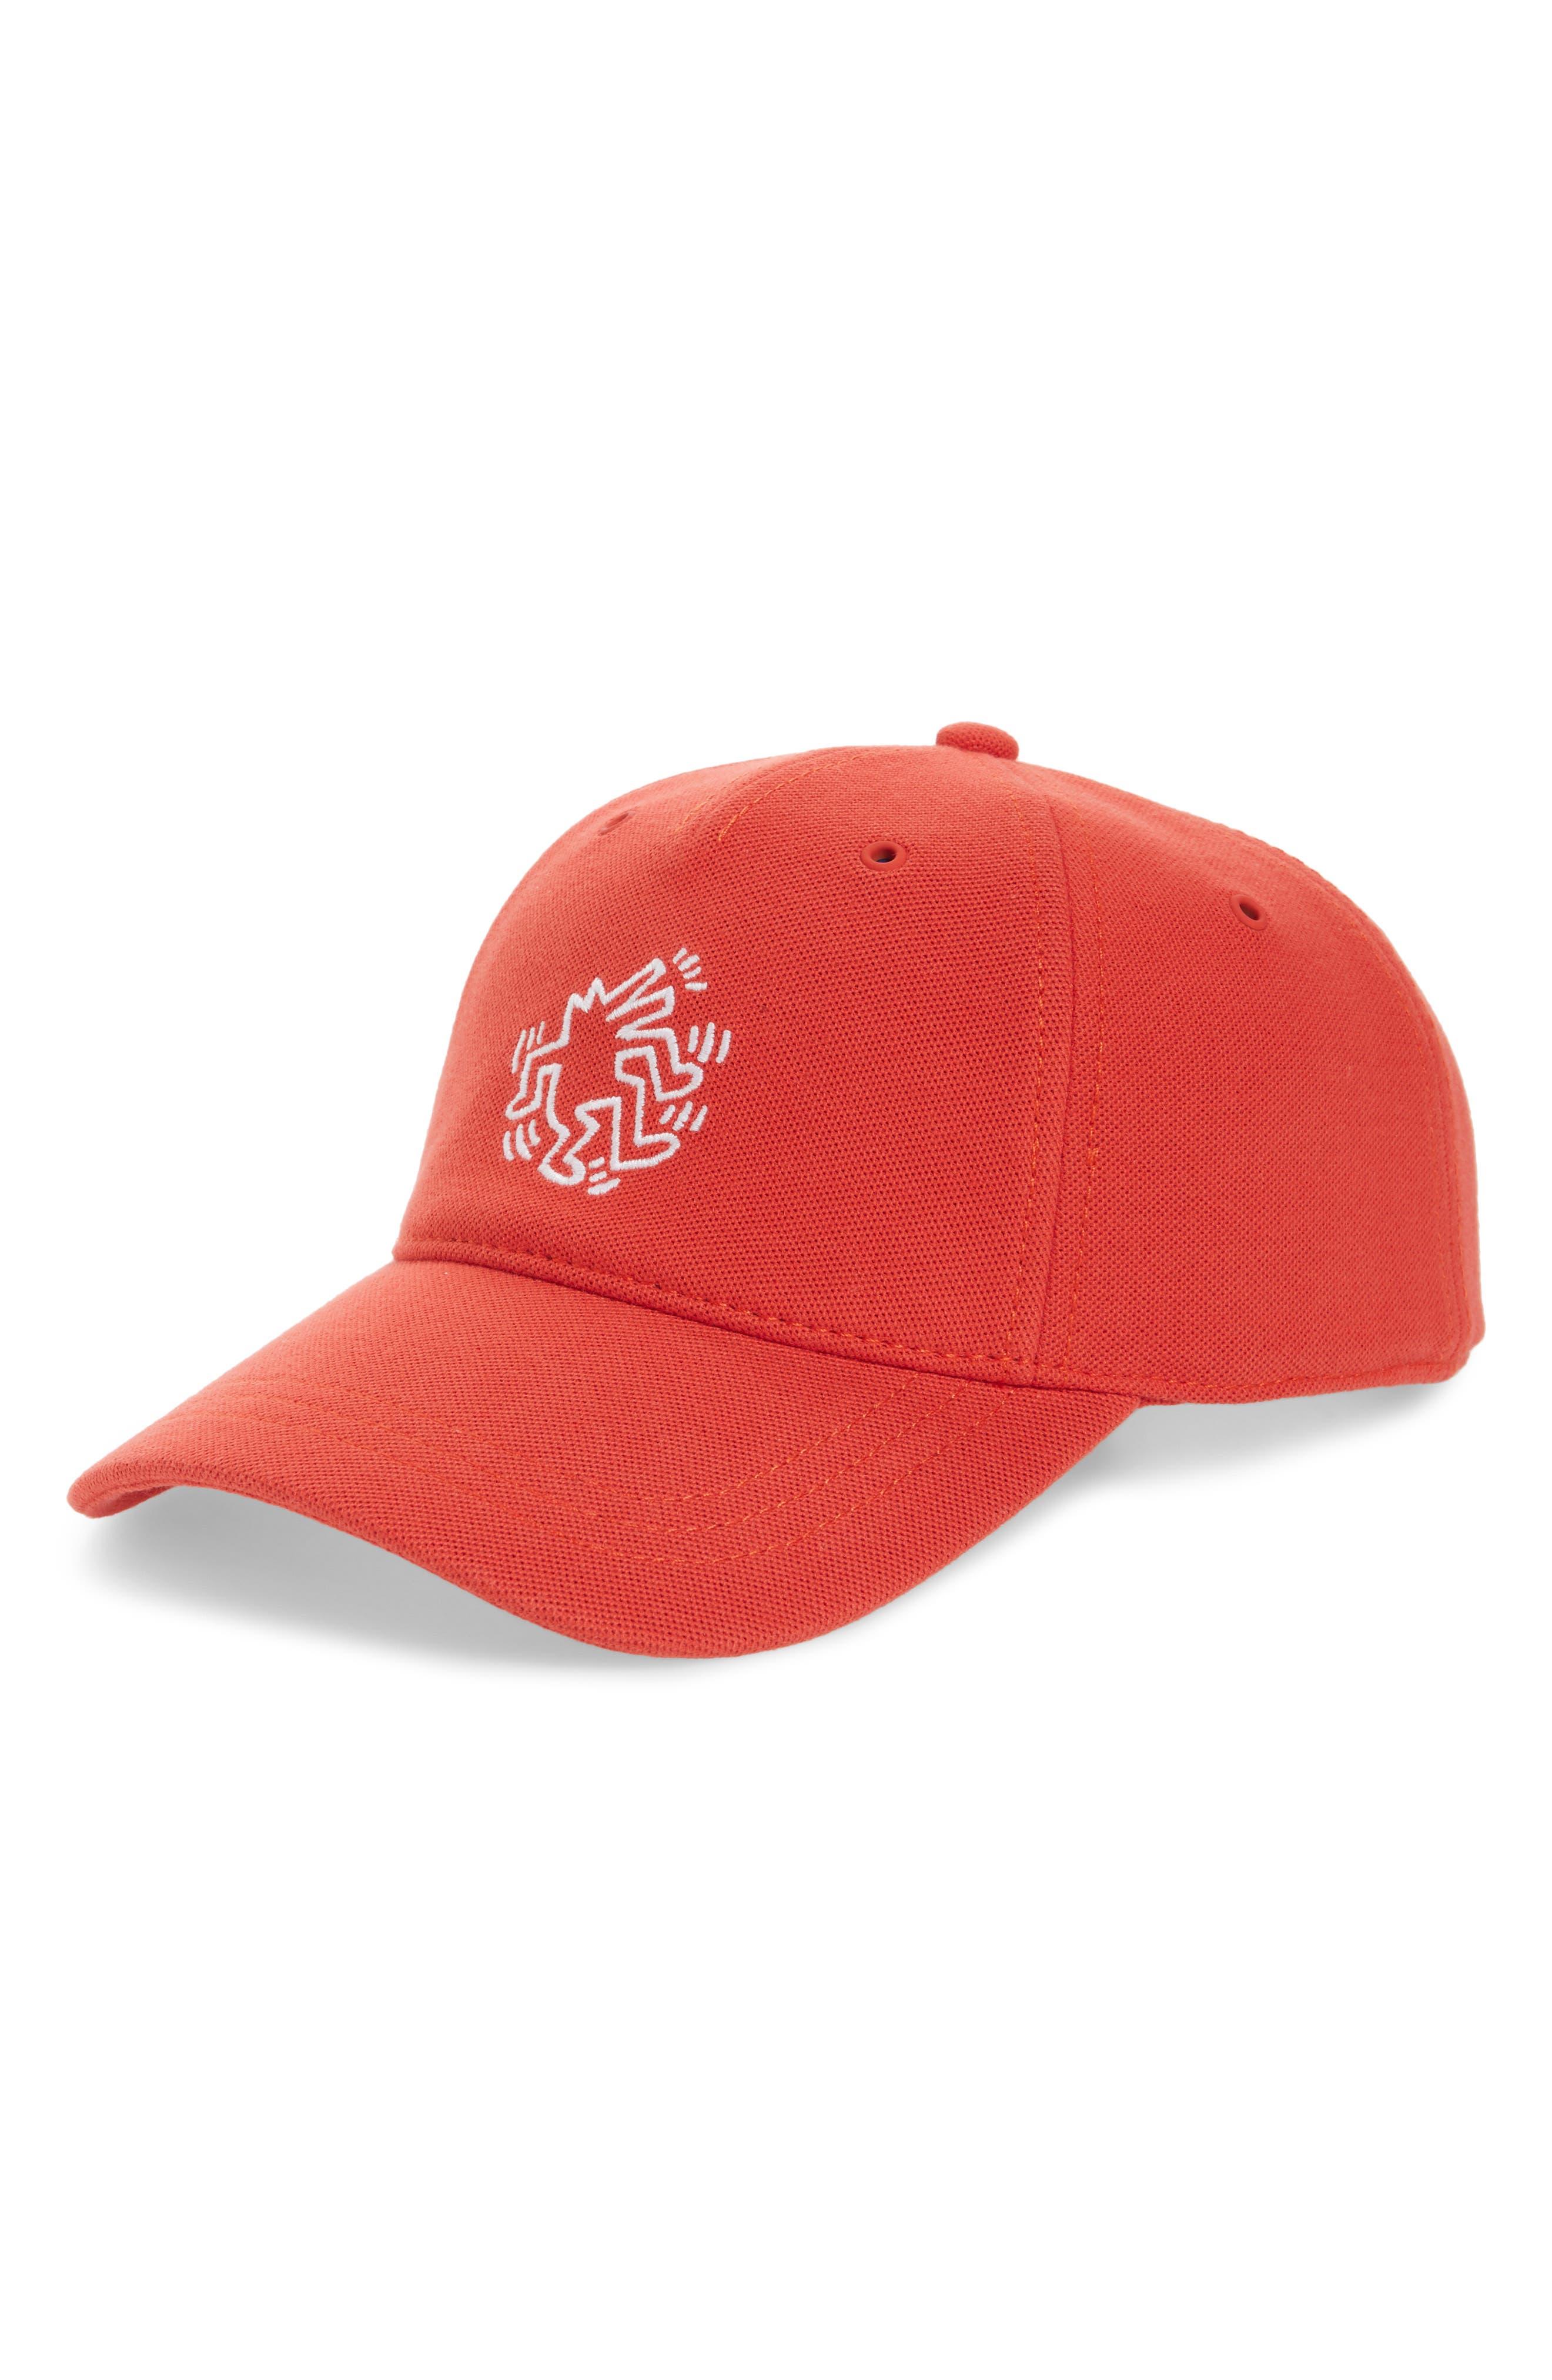 1d5b5981a8f5b Men s Lacoste Hats